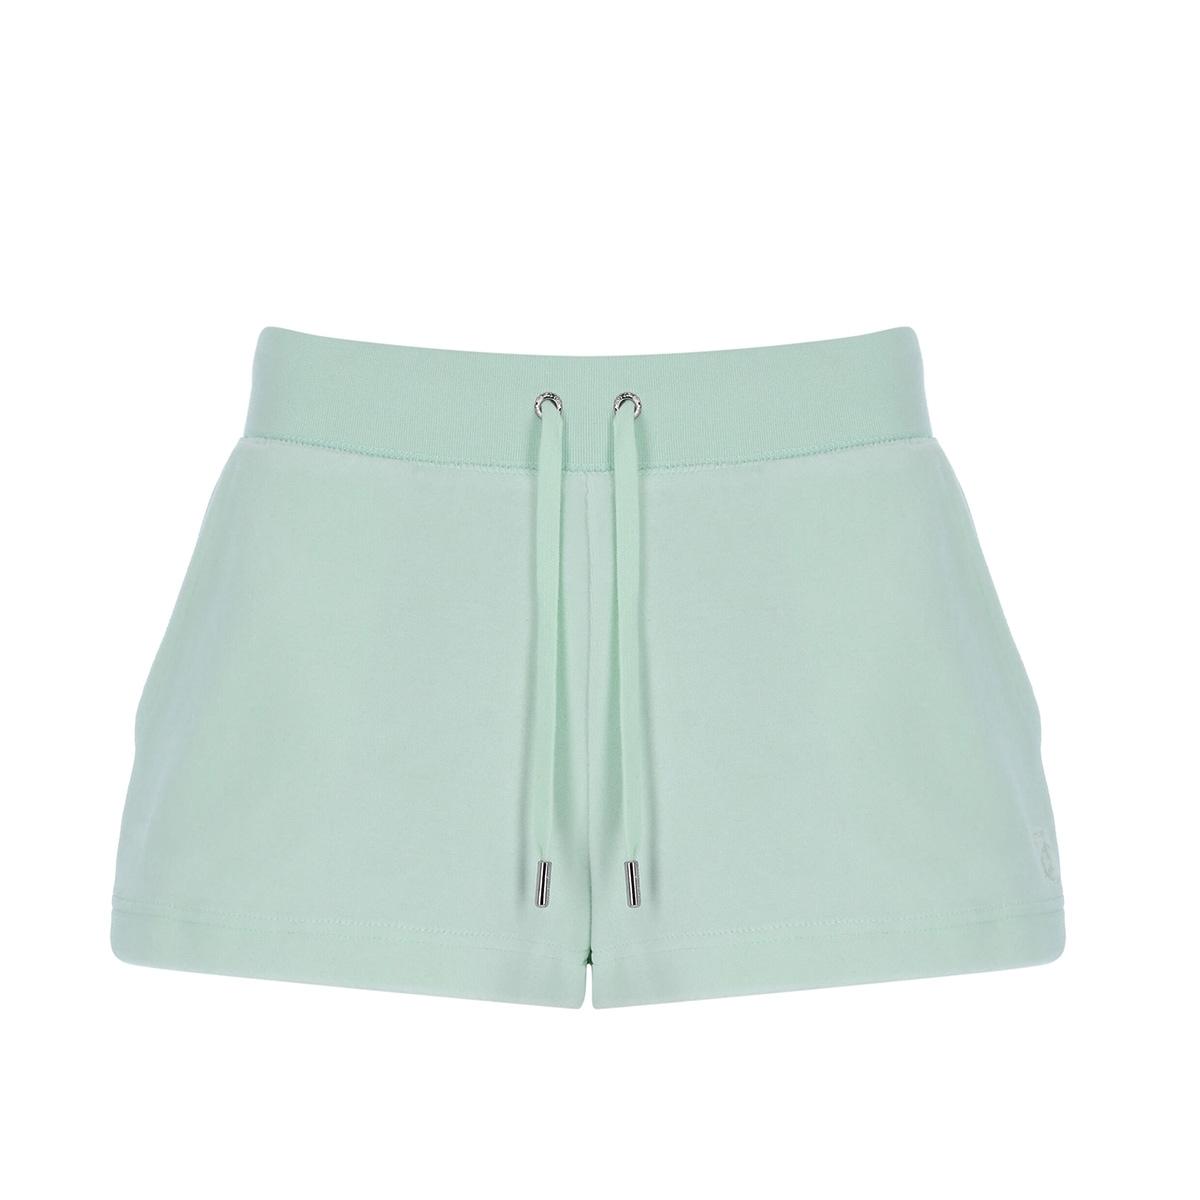 Juicy Couture - Shorts Eve Cotton Rich Mint